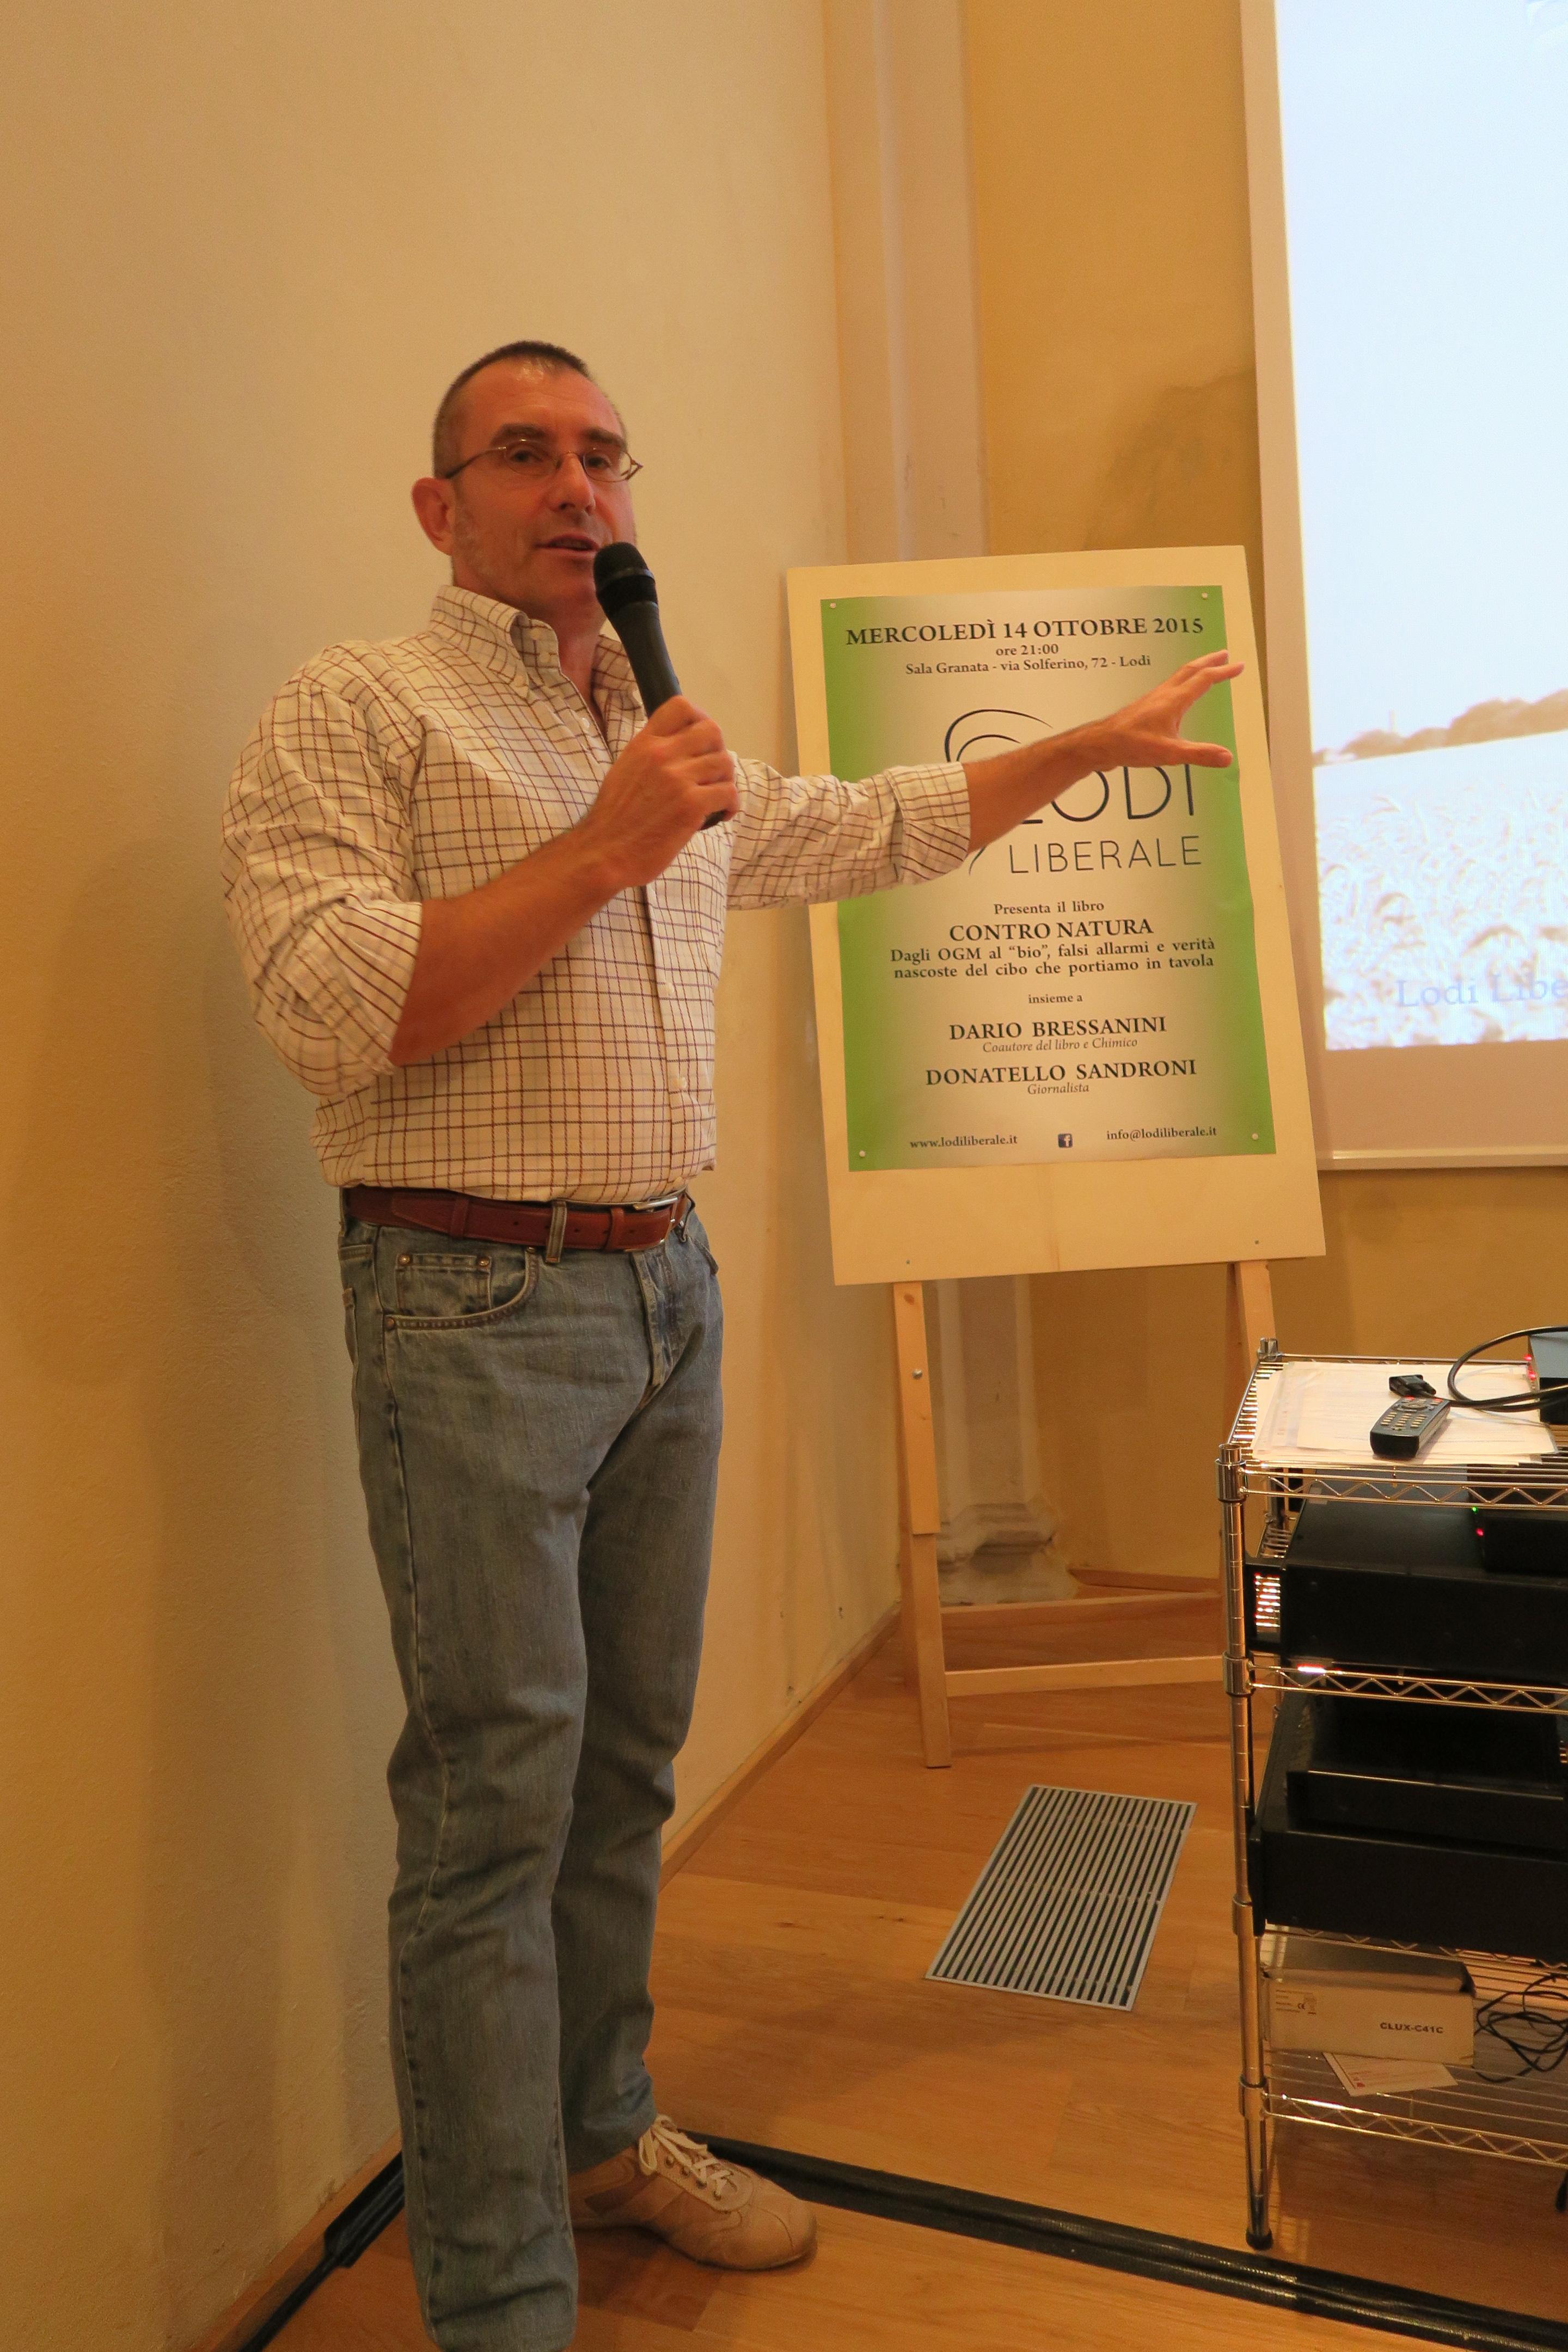 """Associazione Lodi Liberale - Presentazione libro """"Contro natura"""" di Dario Bressanini"""